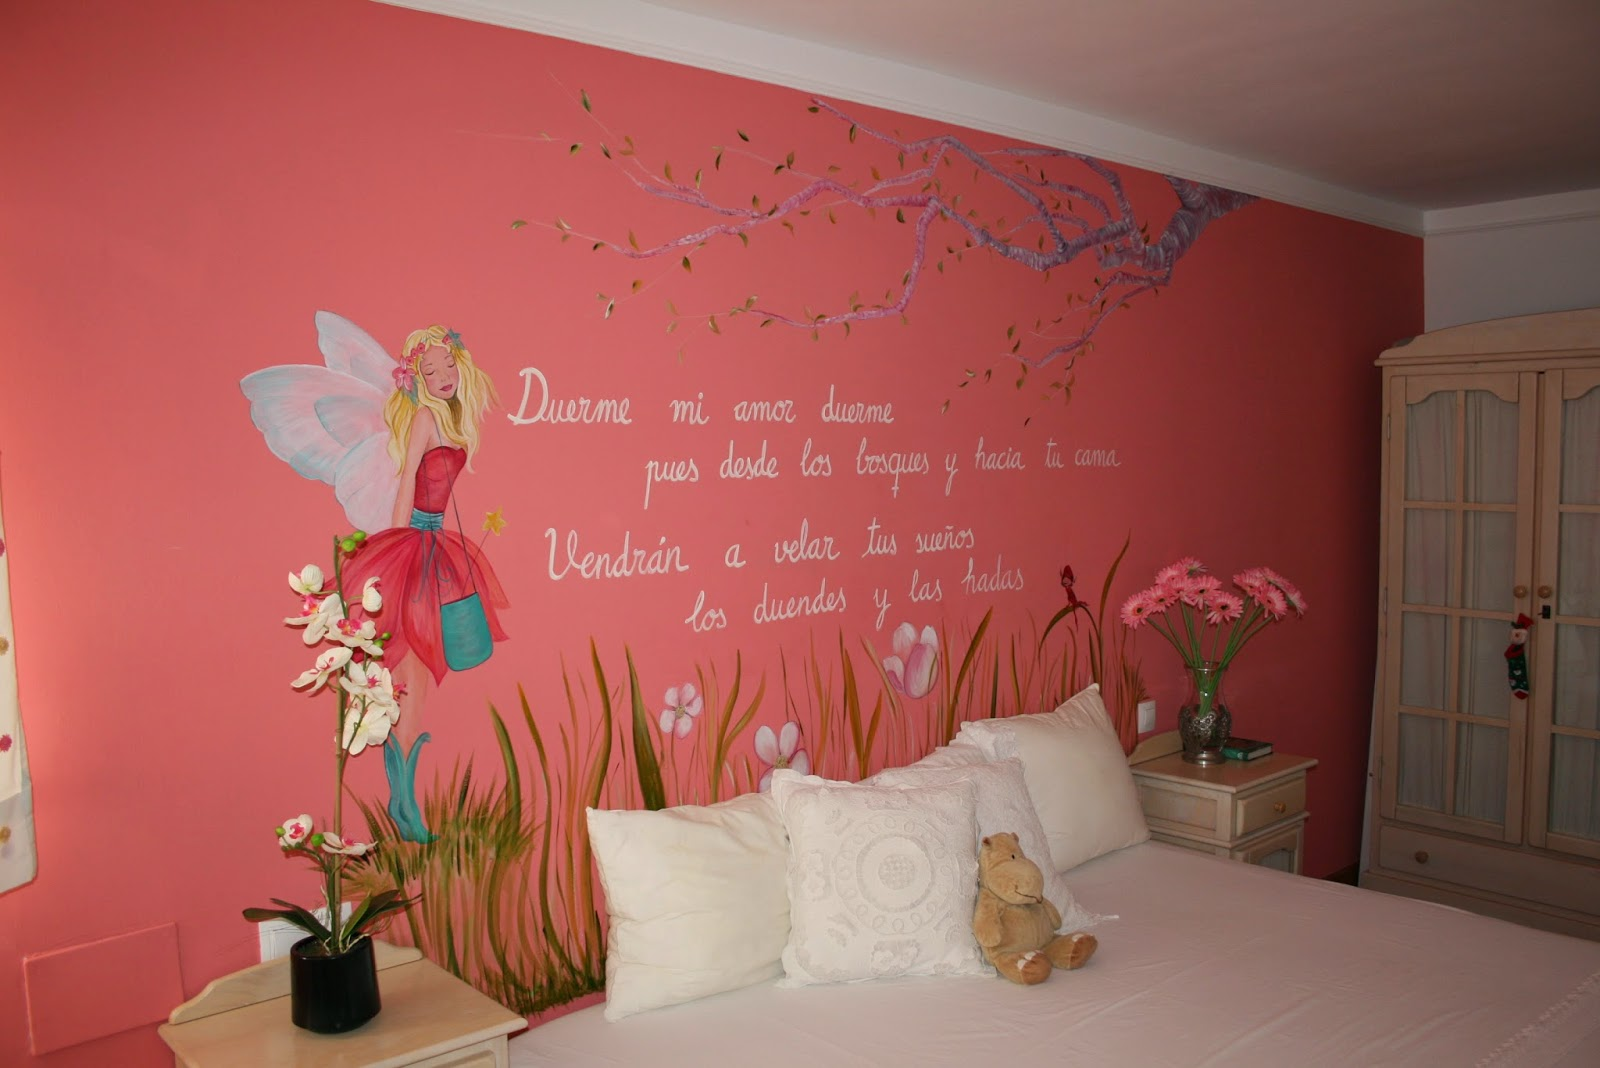 mural de hadas y duendes para decorar habitacin infantil